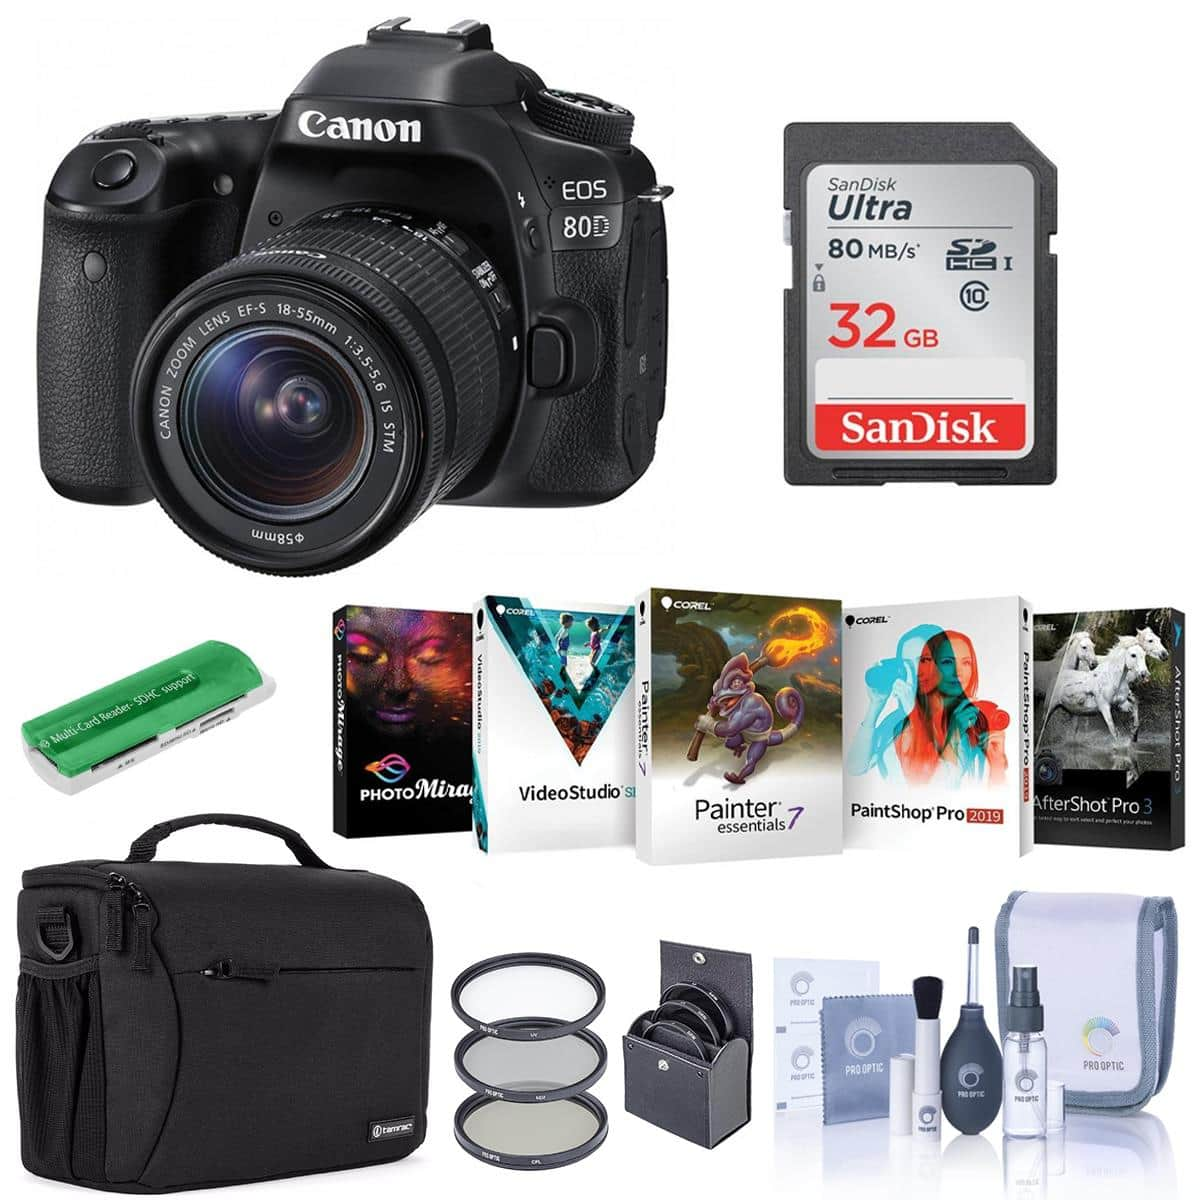 Canon: 80D DSLR with 18-55mm STM Lens $899, 18-135mm USM Lens + Rode VIDEOMIC GO $1149, 6D Mark 2 DSLR with EF 24-105mm $1599